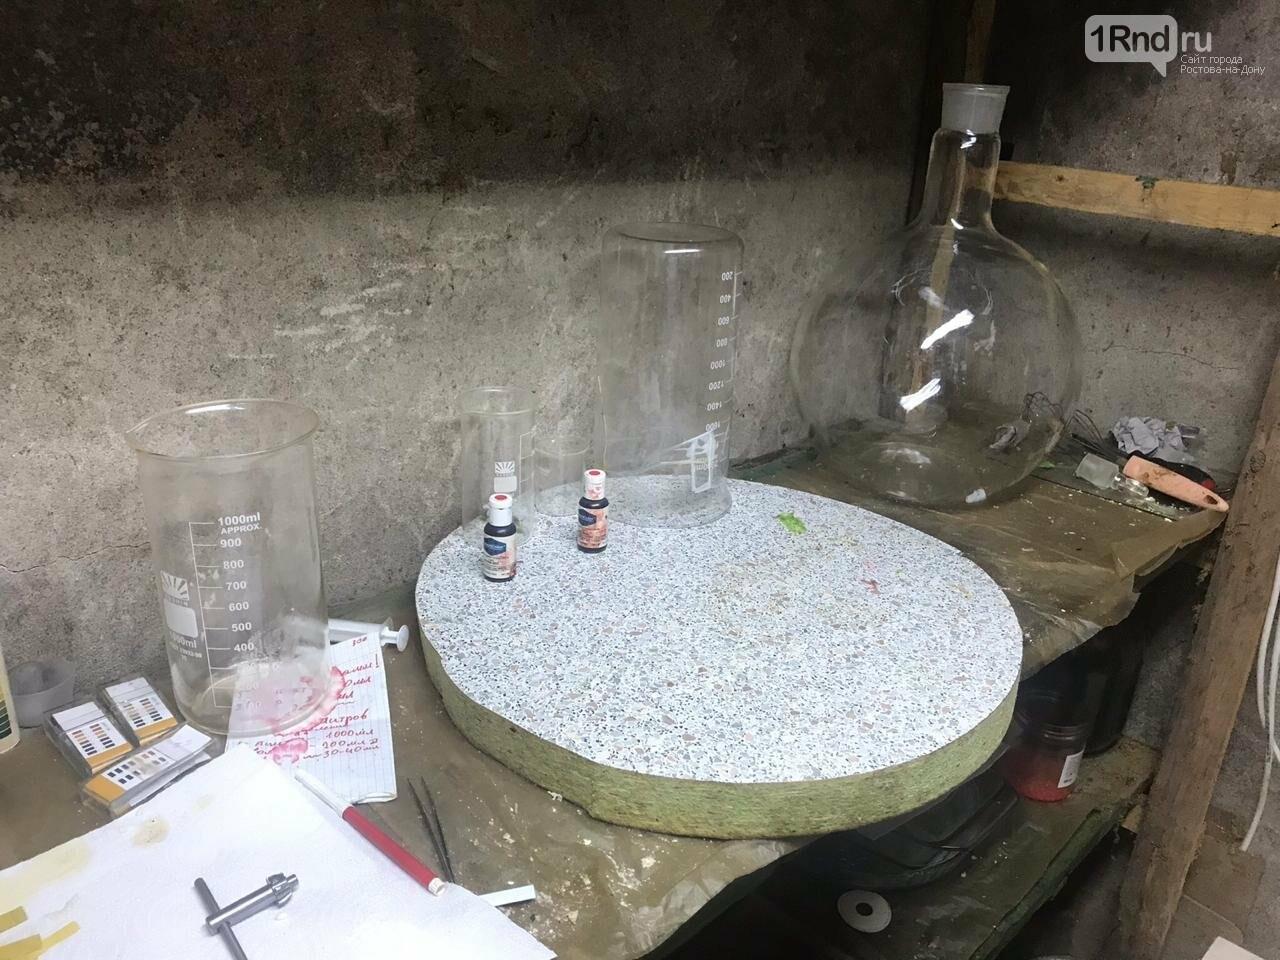 Дочь известного в Ростове криминального авторитета задержали с наркотиками, фото-1